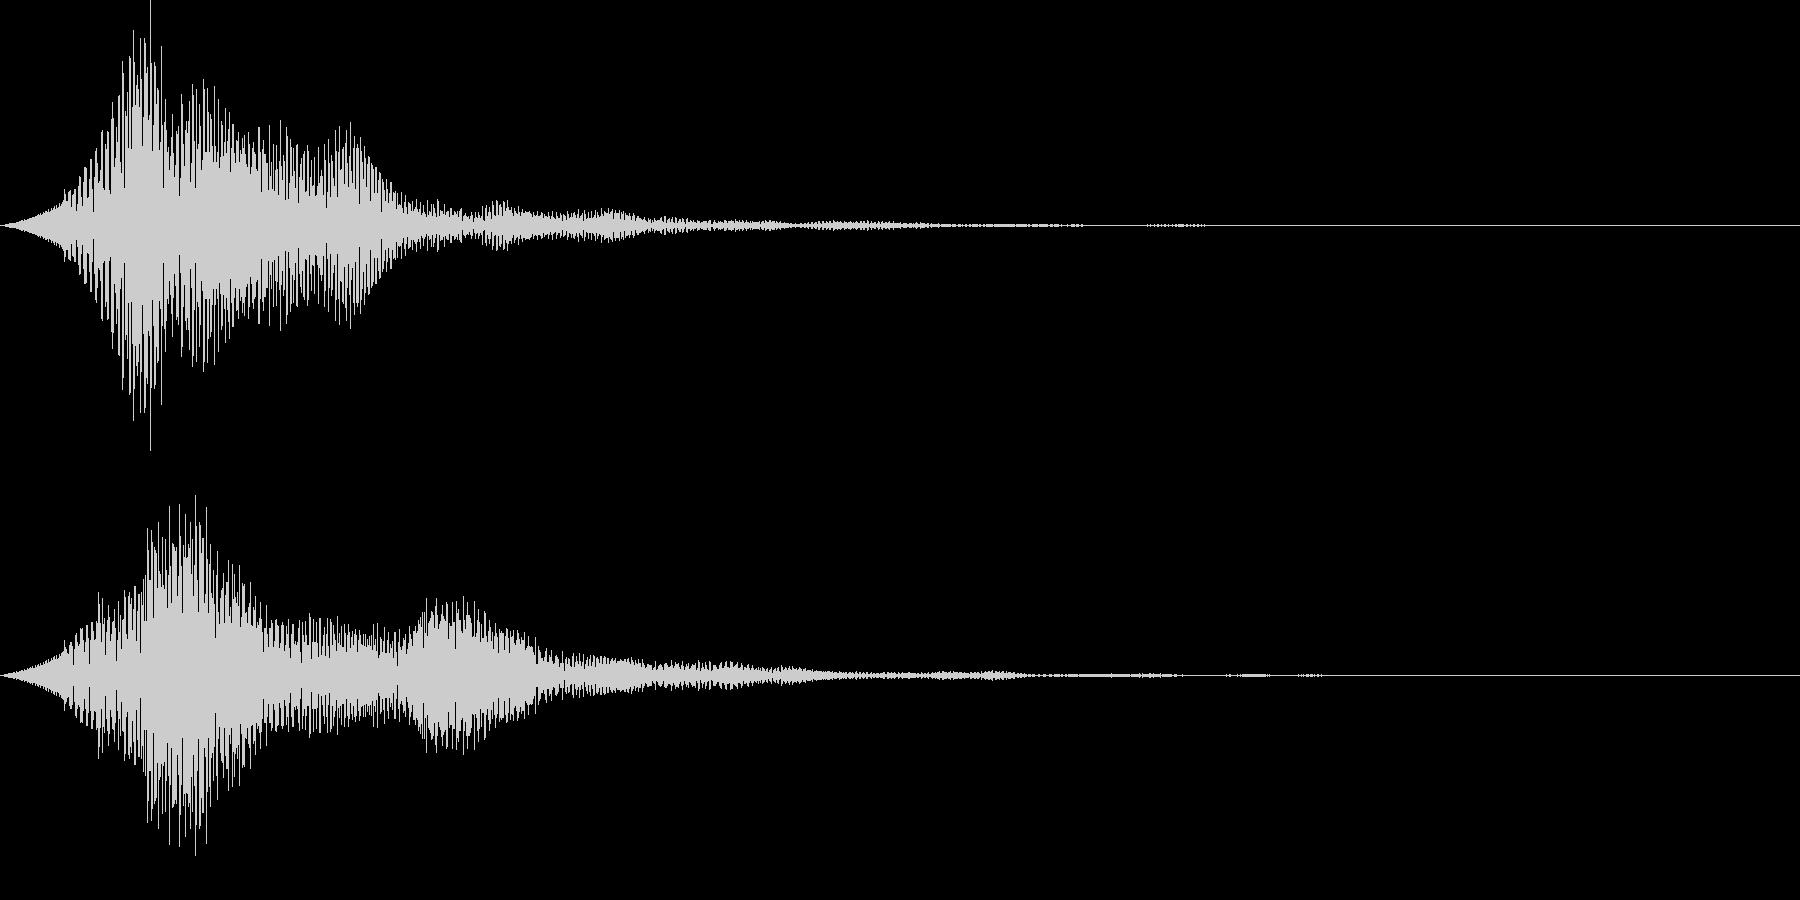 UI ピロリン やわらかい決定音の未再生の波形